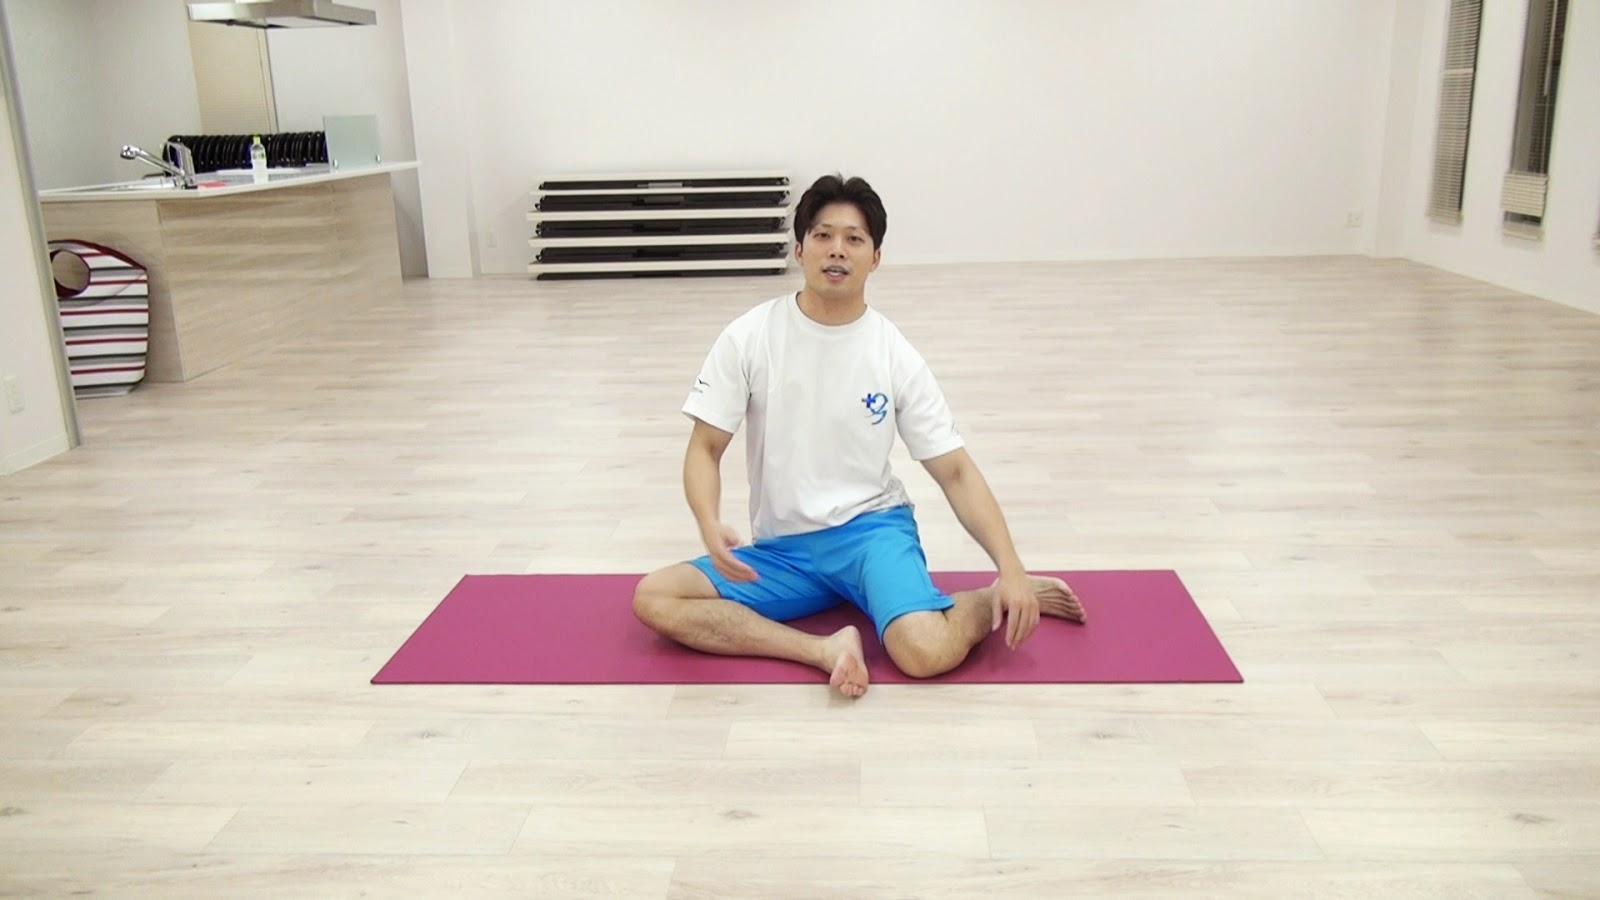 股関節をほぐす運動